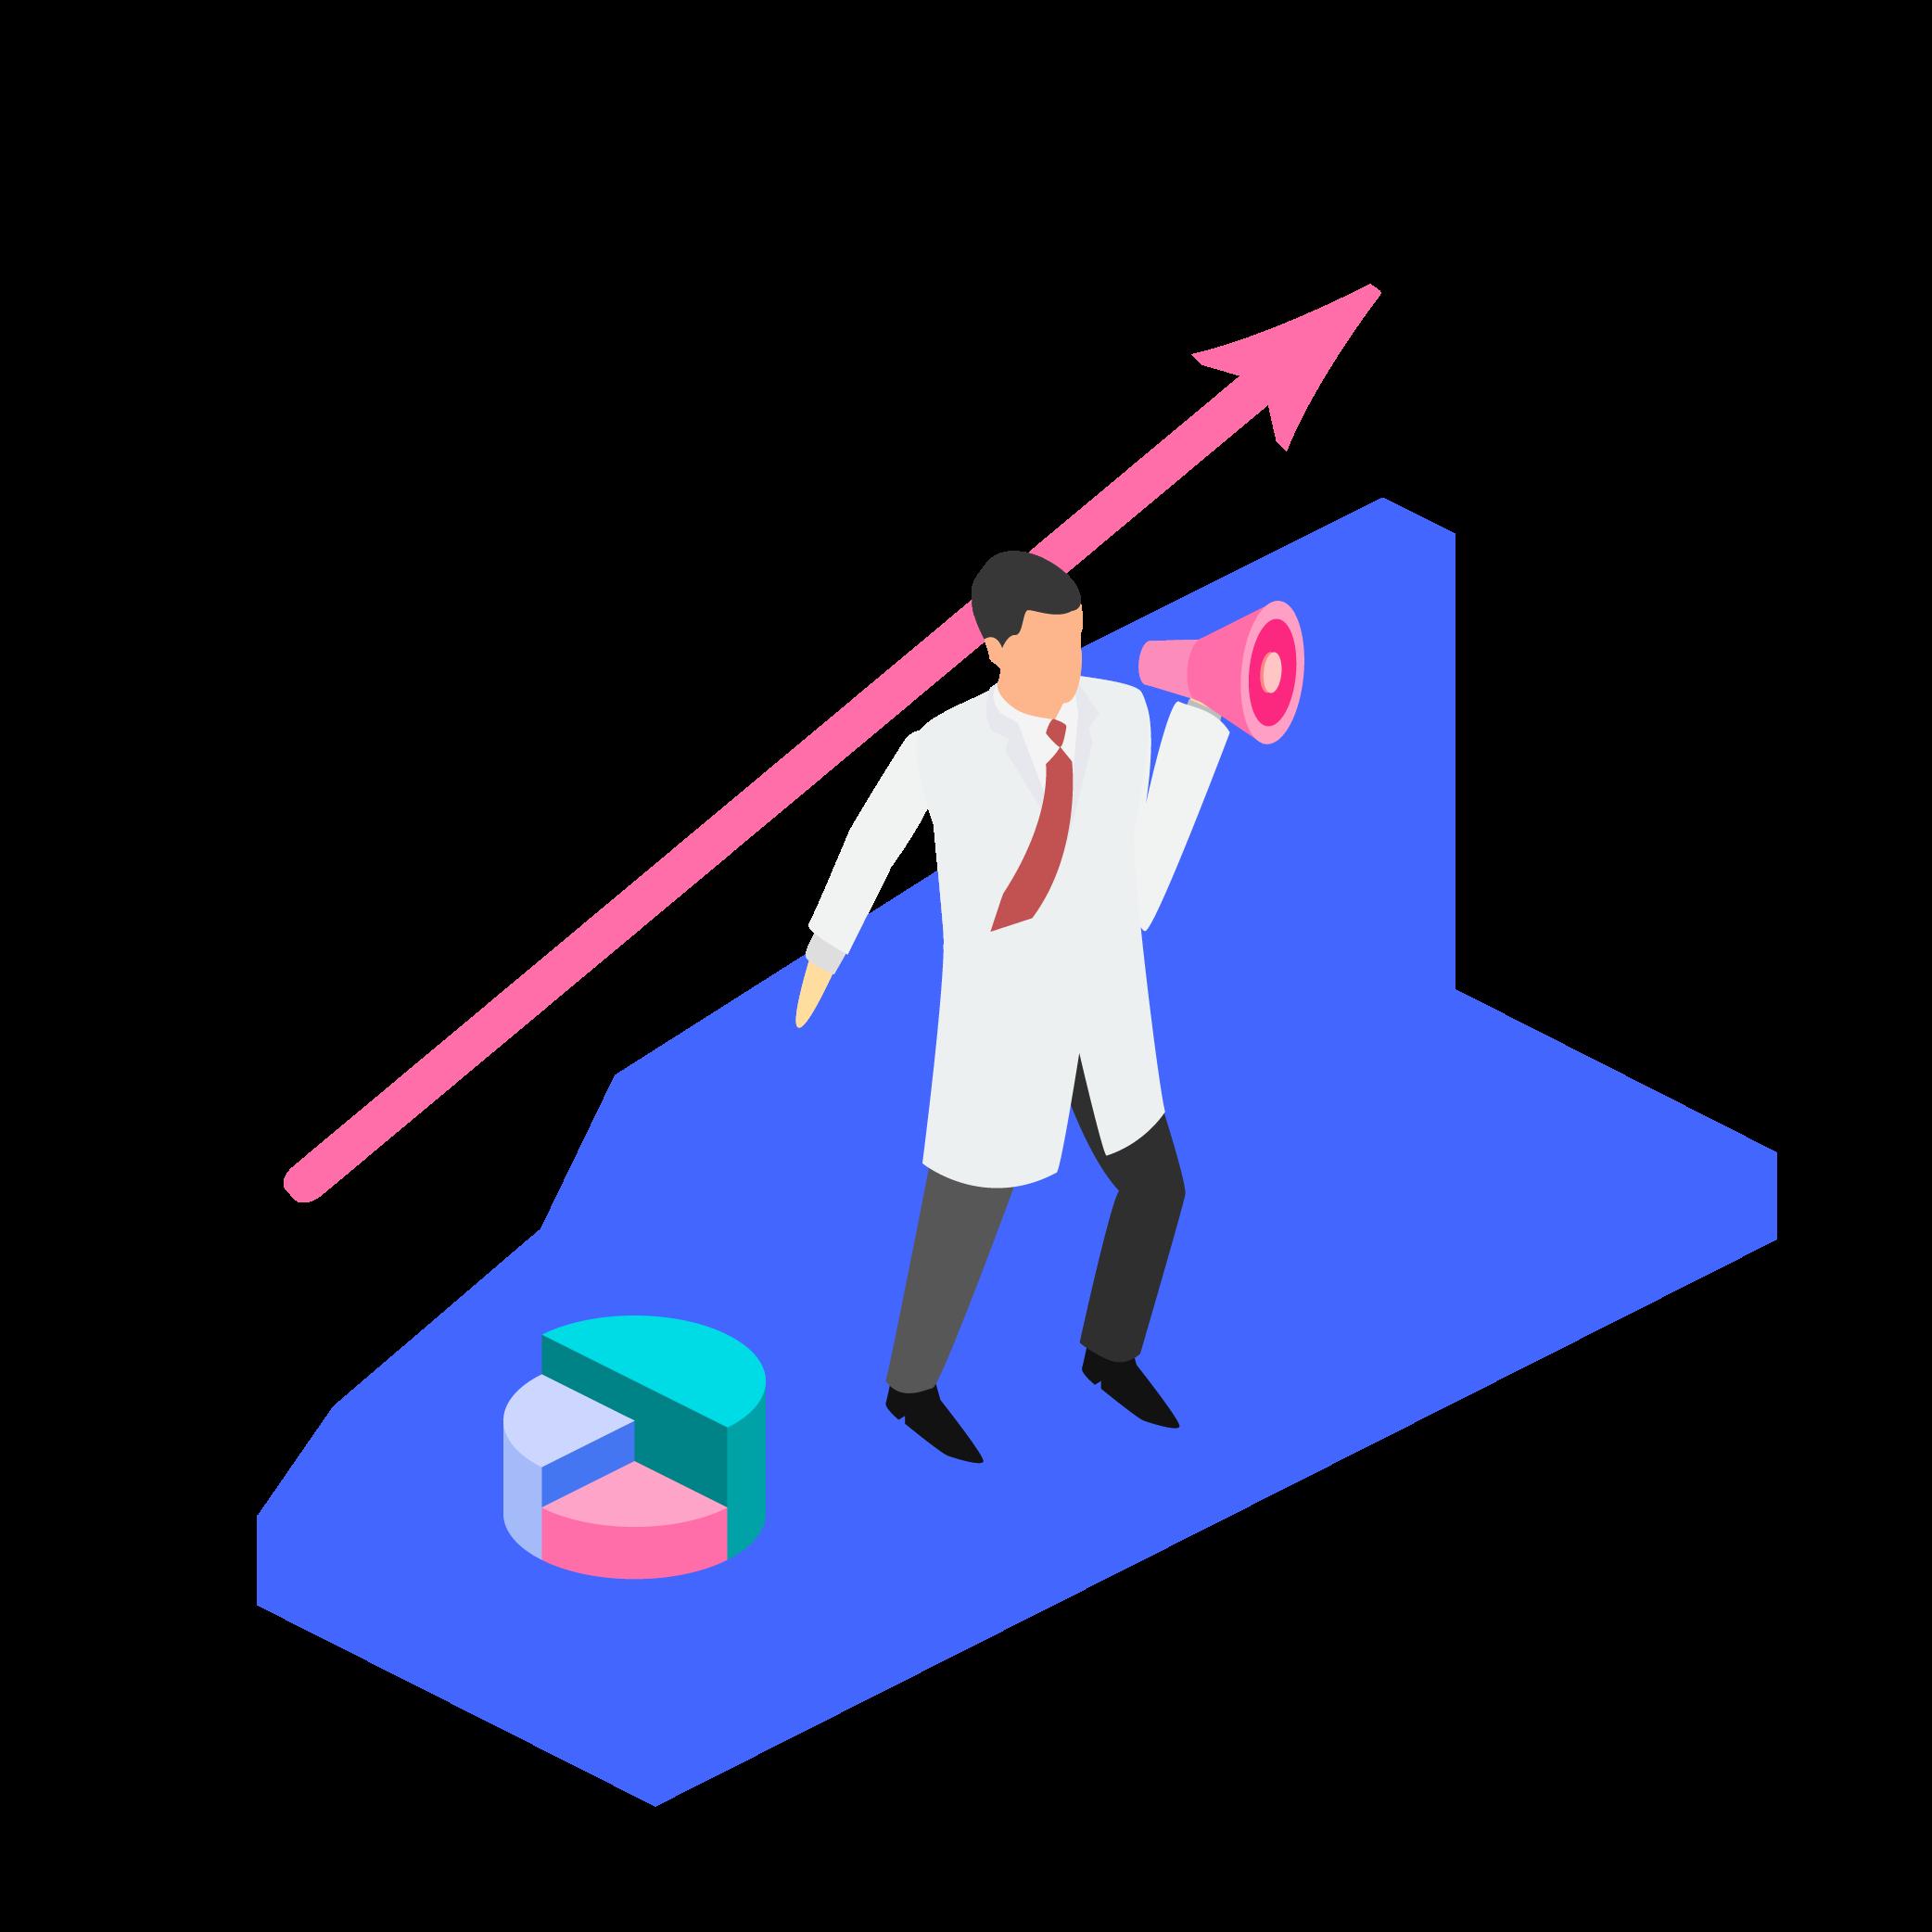 集患の課題_課題から探す_医療DXツール.com